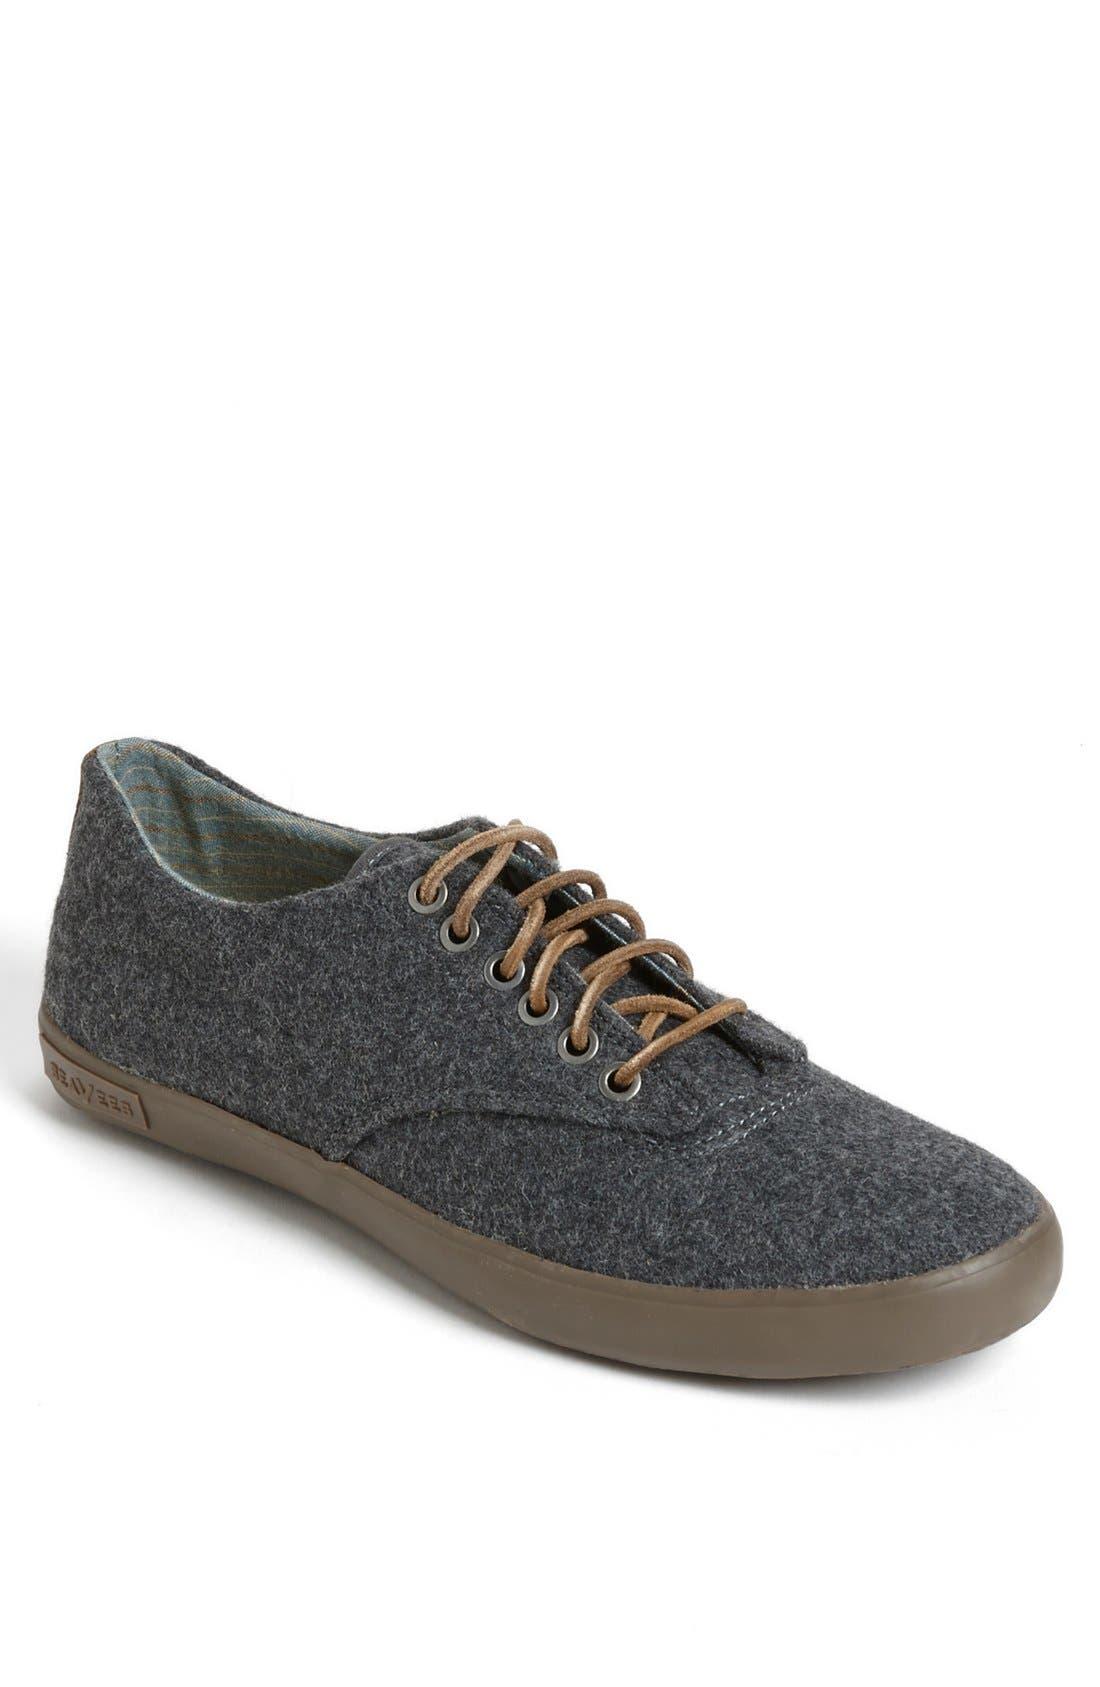 Main Image - SeaVees 'Hermosa Plimsoll Surplus' Boiled Wool Sneaker